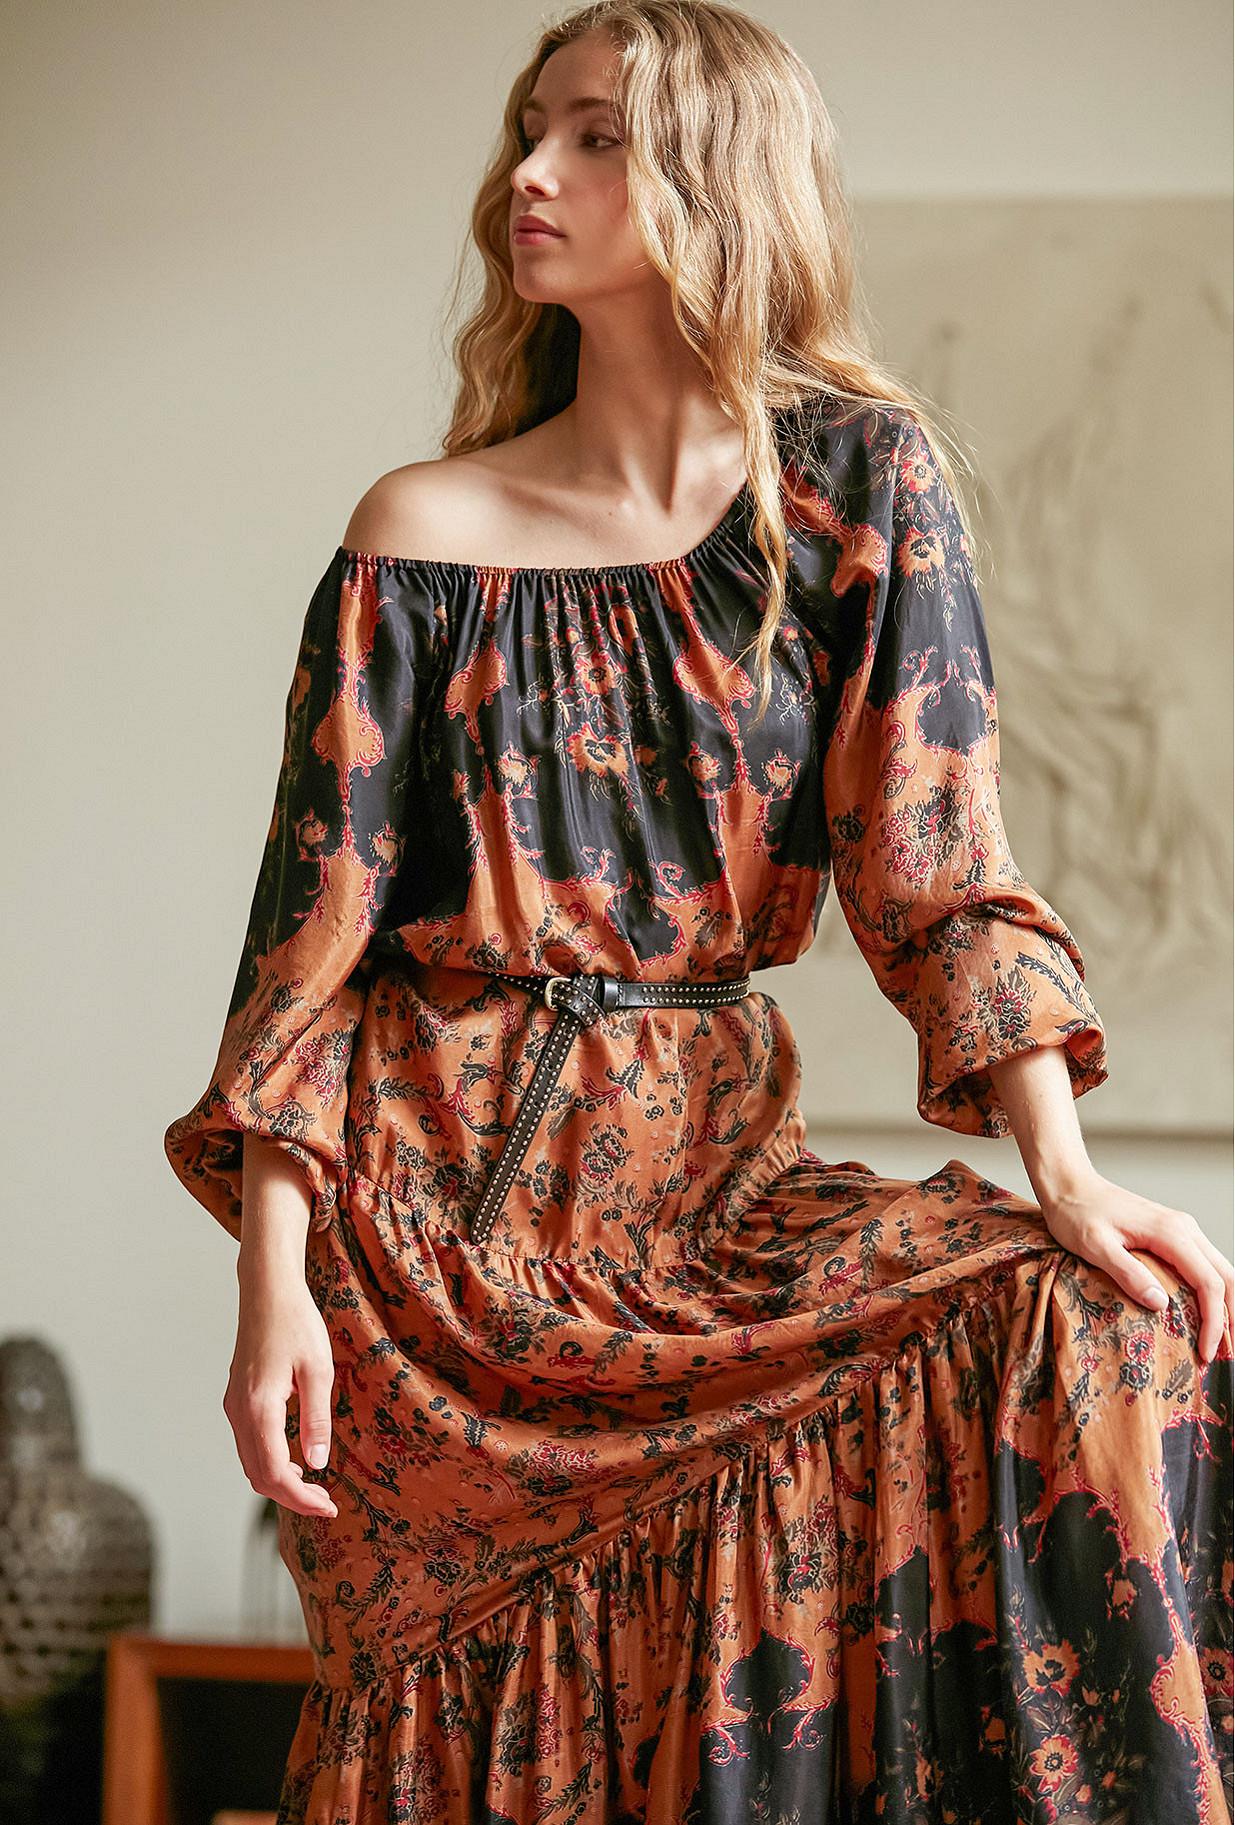 Robe Imprimé fleuri  Mexico mes demoiselles paris vêtement femme paris